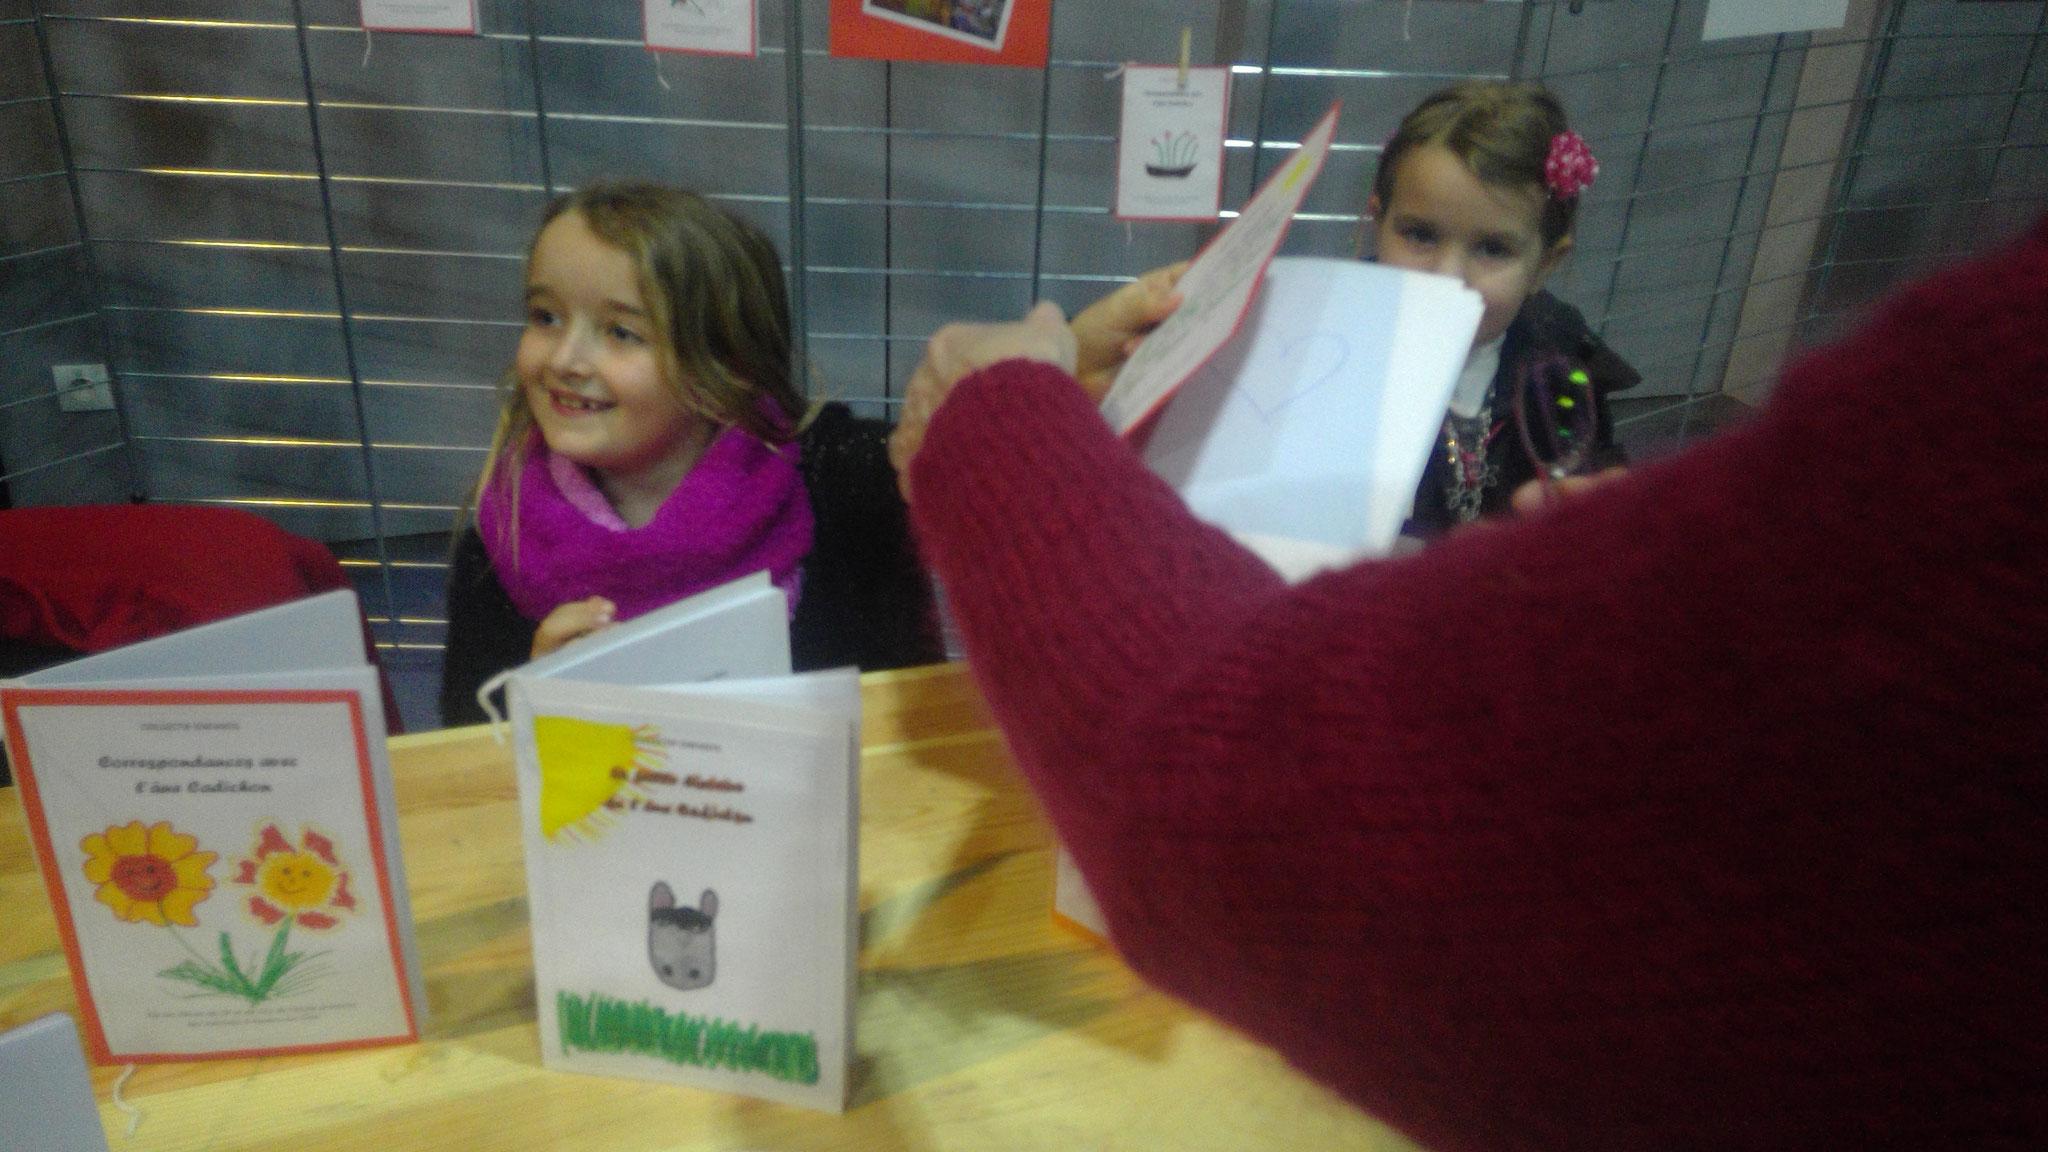 Nos petits auteurs de l'atelier d'écriture de l'école élémentaire des Aulnaies se préparent pour les dédicaces